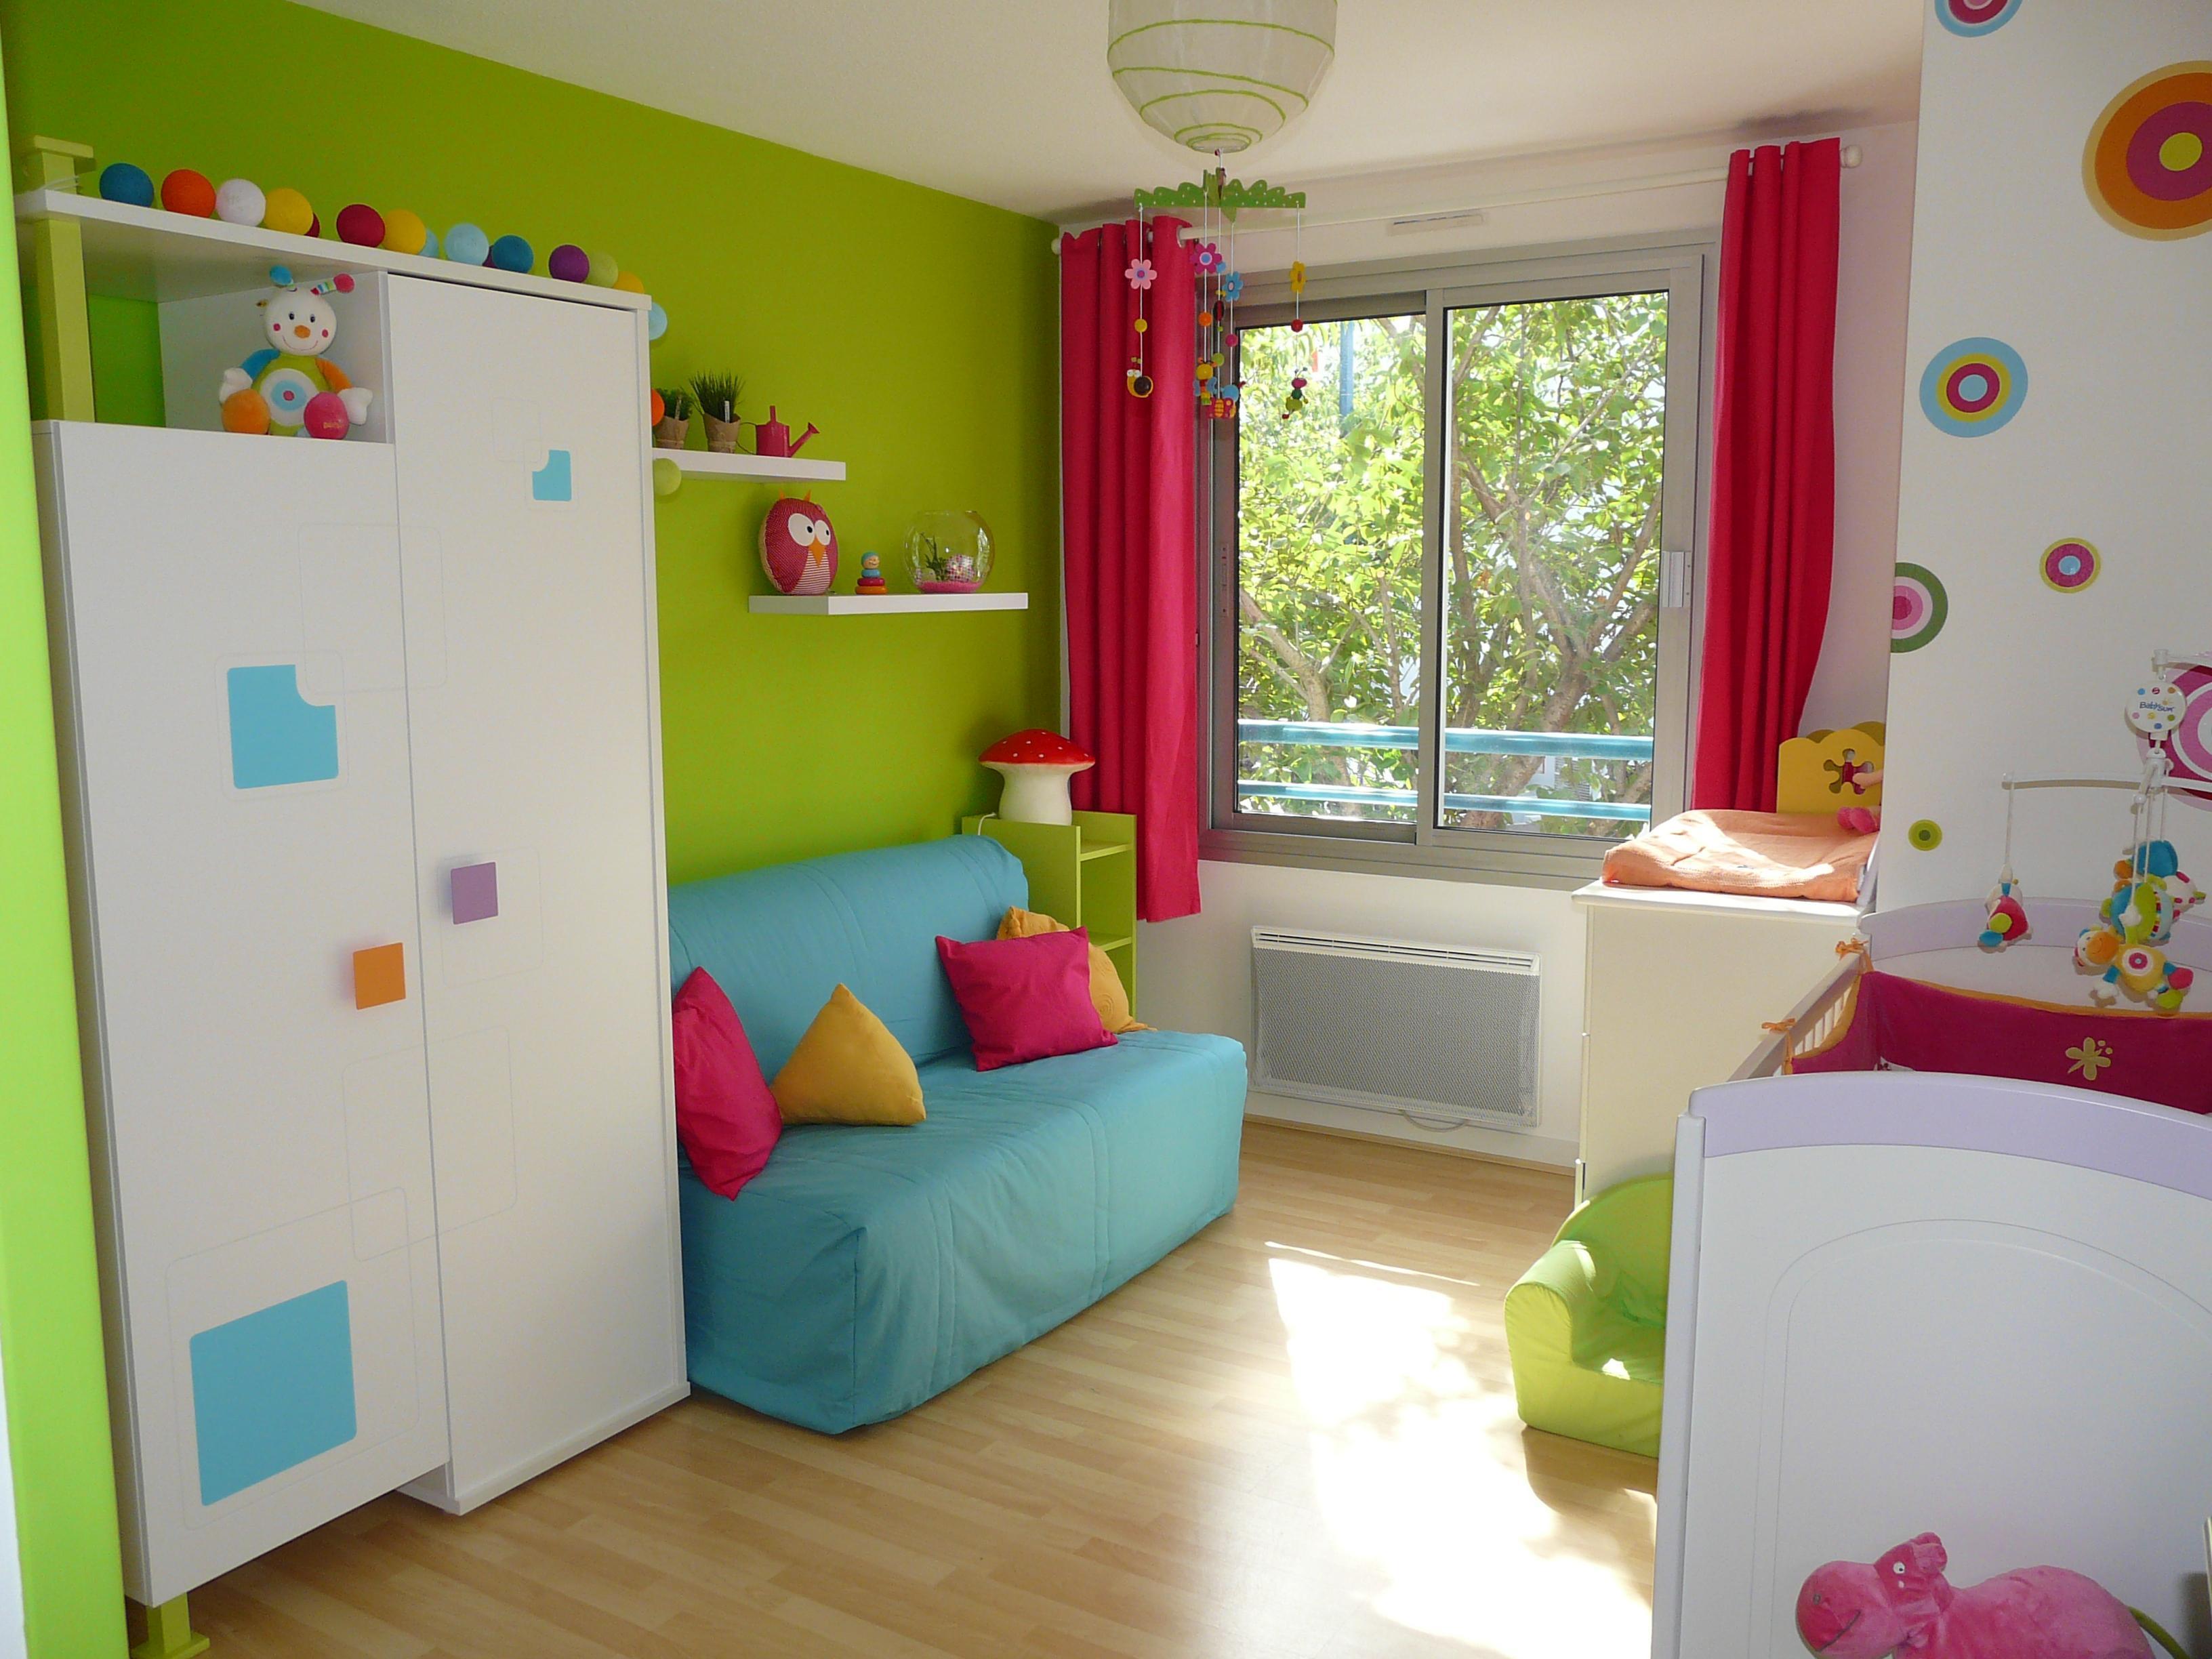 Chambre bebe enfant - Famille et bébé